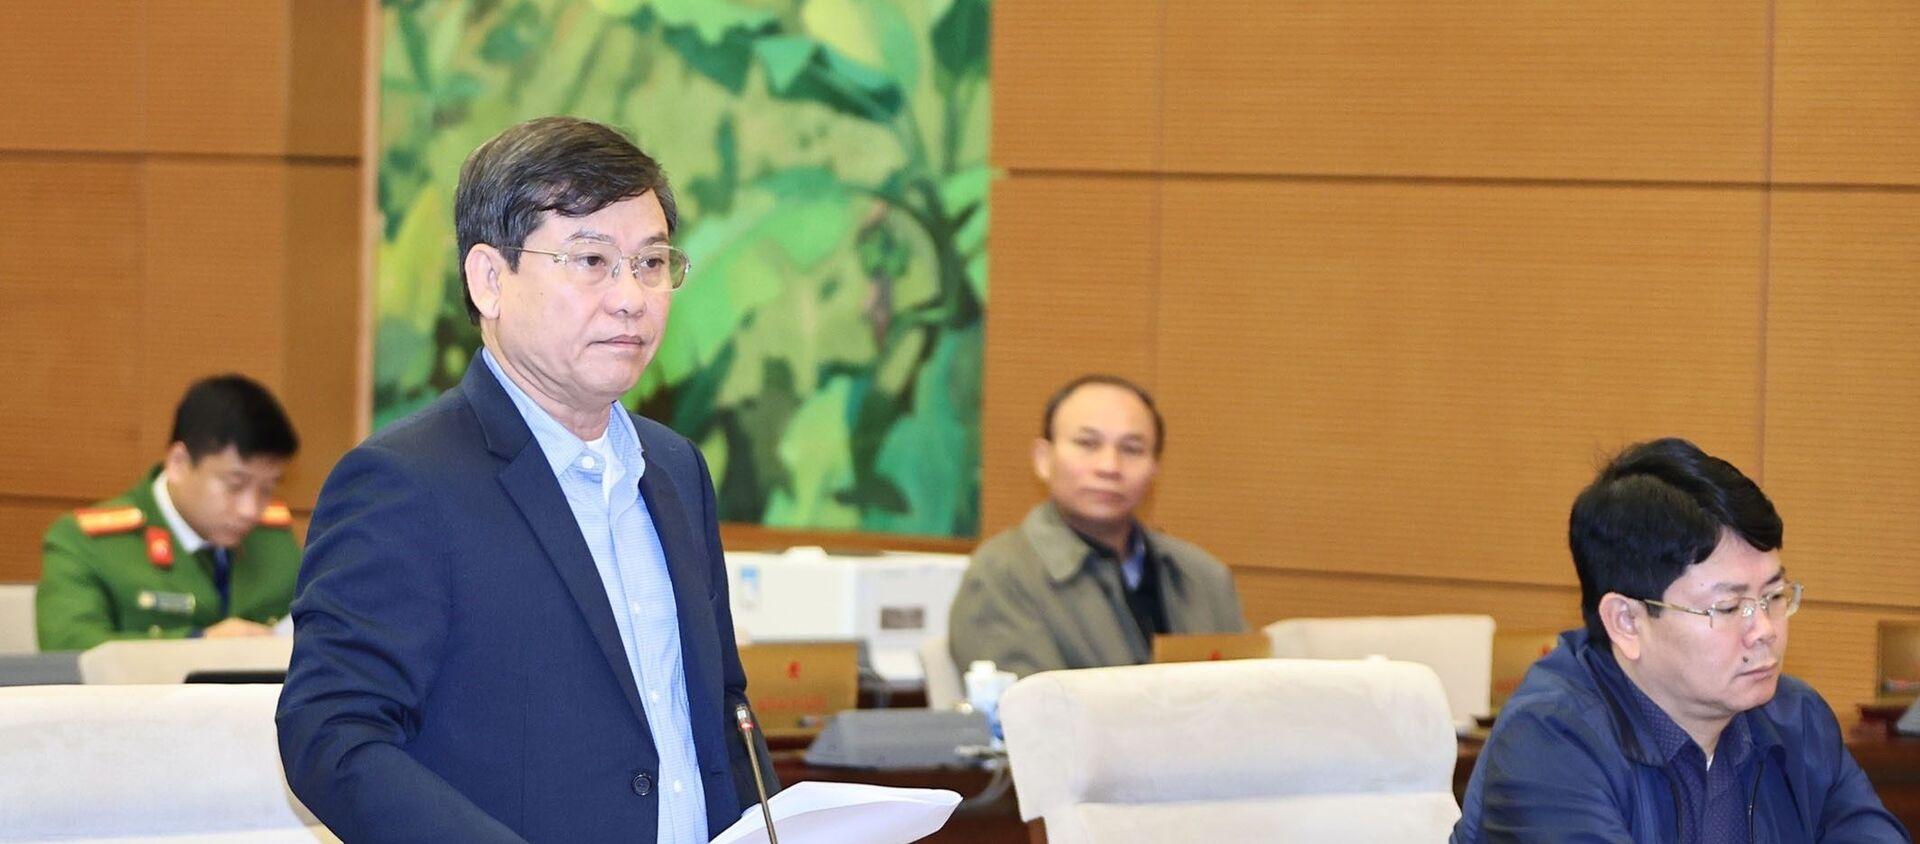 Viện trưởng Viện Kiểm sát nhân dân tối cao Lê Minh Trí trình bày báo cáo công tác. - Sputnik Việt Nam, 1920, 12.01.2021